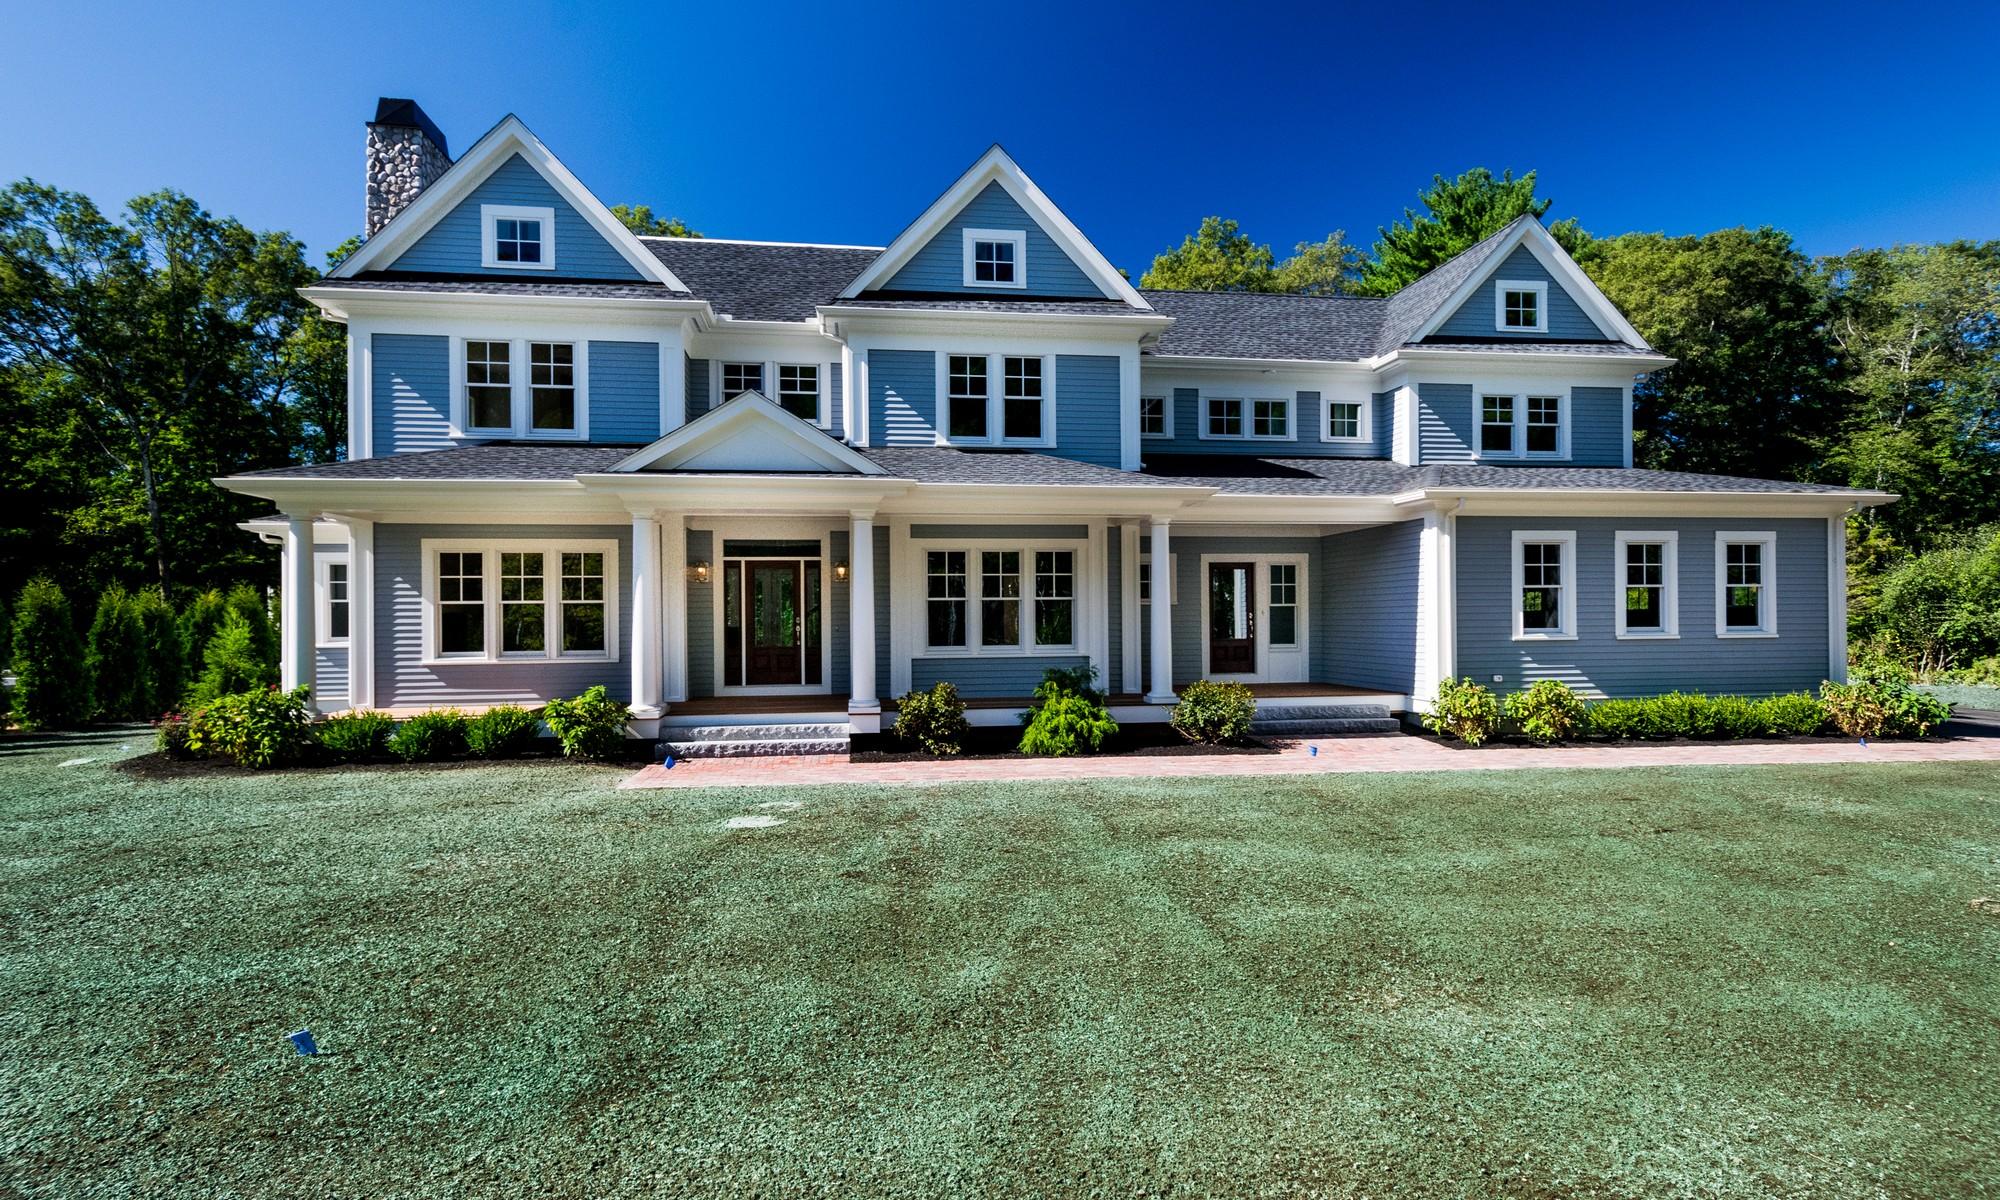 Tek Ailelik Ev için Satış at Concord's Historic Ridge Neighborhood 59 Independence Road Concord, Massachusetts 01742 Amerika Birleşik Devletleri